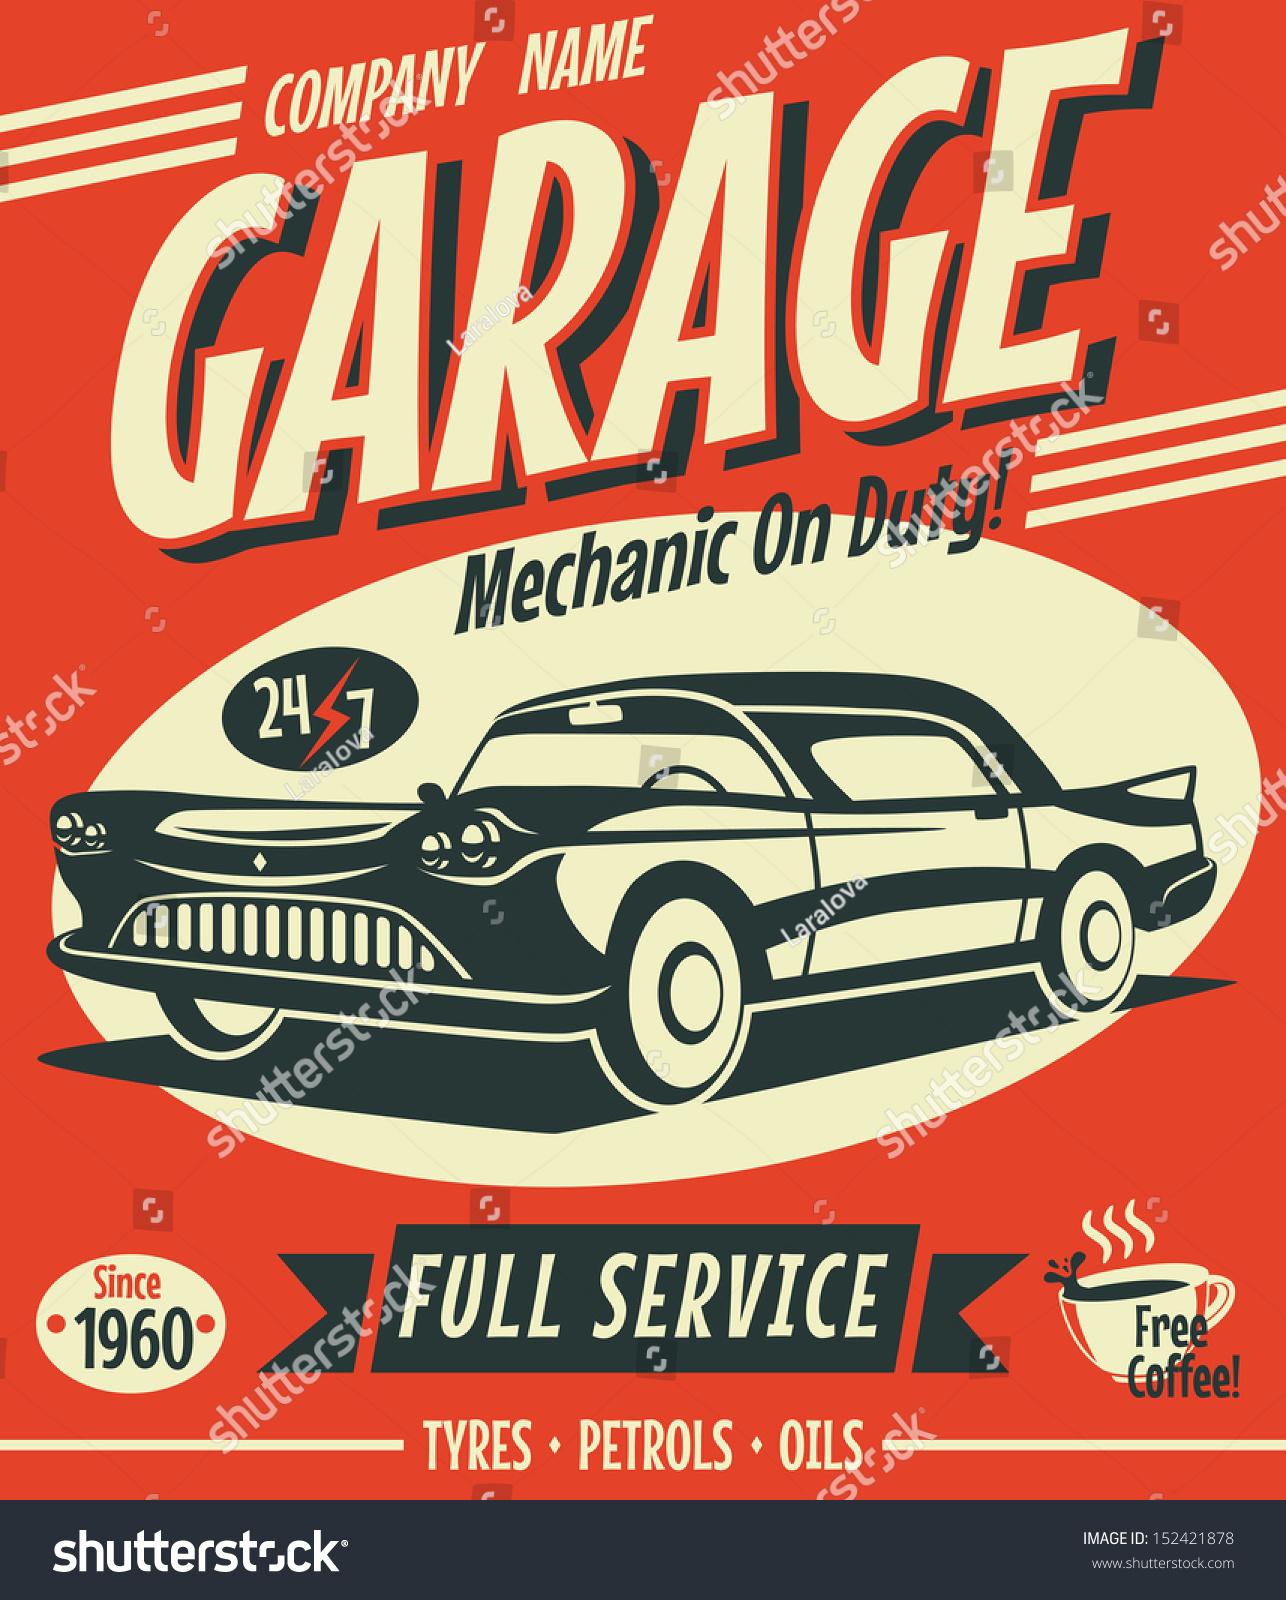 Car Stock Photos: Retro Car Service Sign Vector Illustration Stock Vector